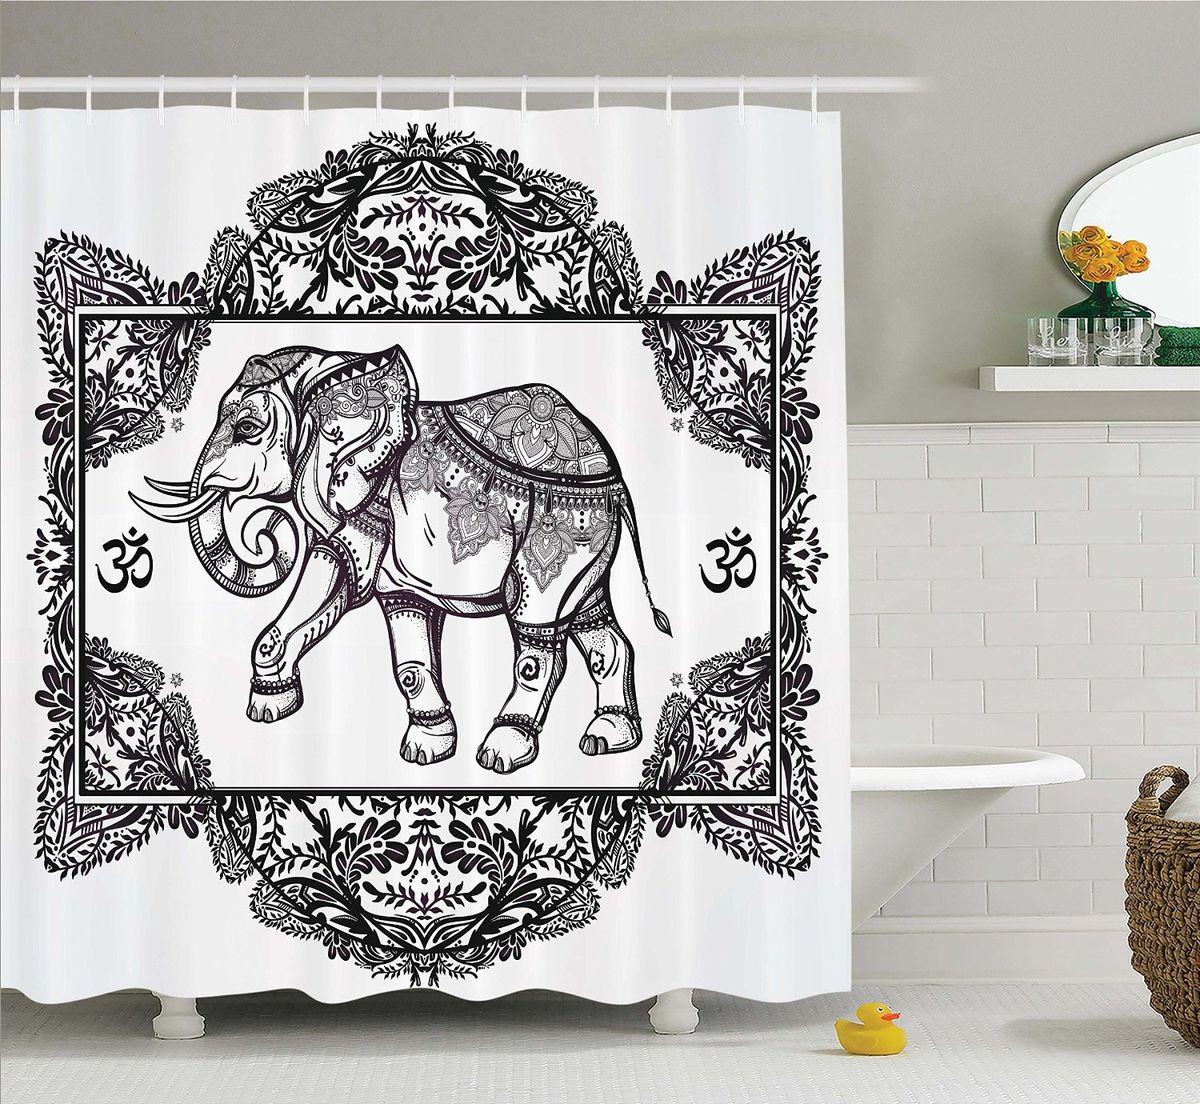 Штора для ванной комнаты Magic Lady Узорчатый слон, 180 х 200 смшв_12171Штора Magic Lady Узорчатый слон, изготовленная из высококачественного сатена (полиэстер 100%), отлично дополнит любой интерьер ванной комнаты. При изготовлении используются специальные гипоаллергенные чернила для прямой печати по ткани, безопасные для человека.В комплекте: 1 штора, 12 крючков. Обращаем ваше внимание, фактический цвет изделия может незначительно отличаться от представленного на фото.